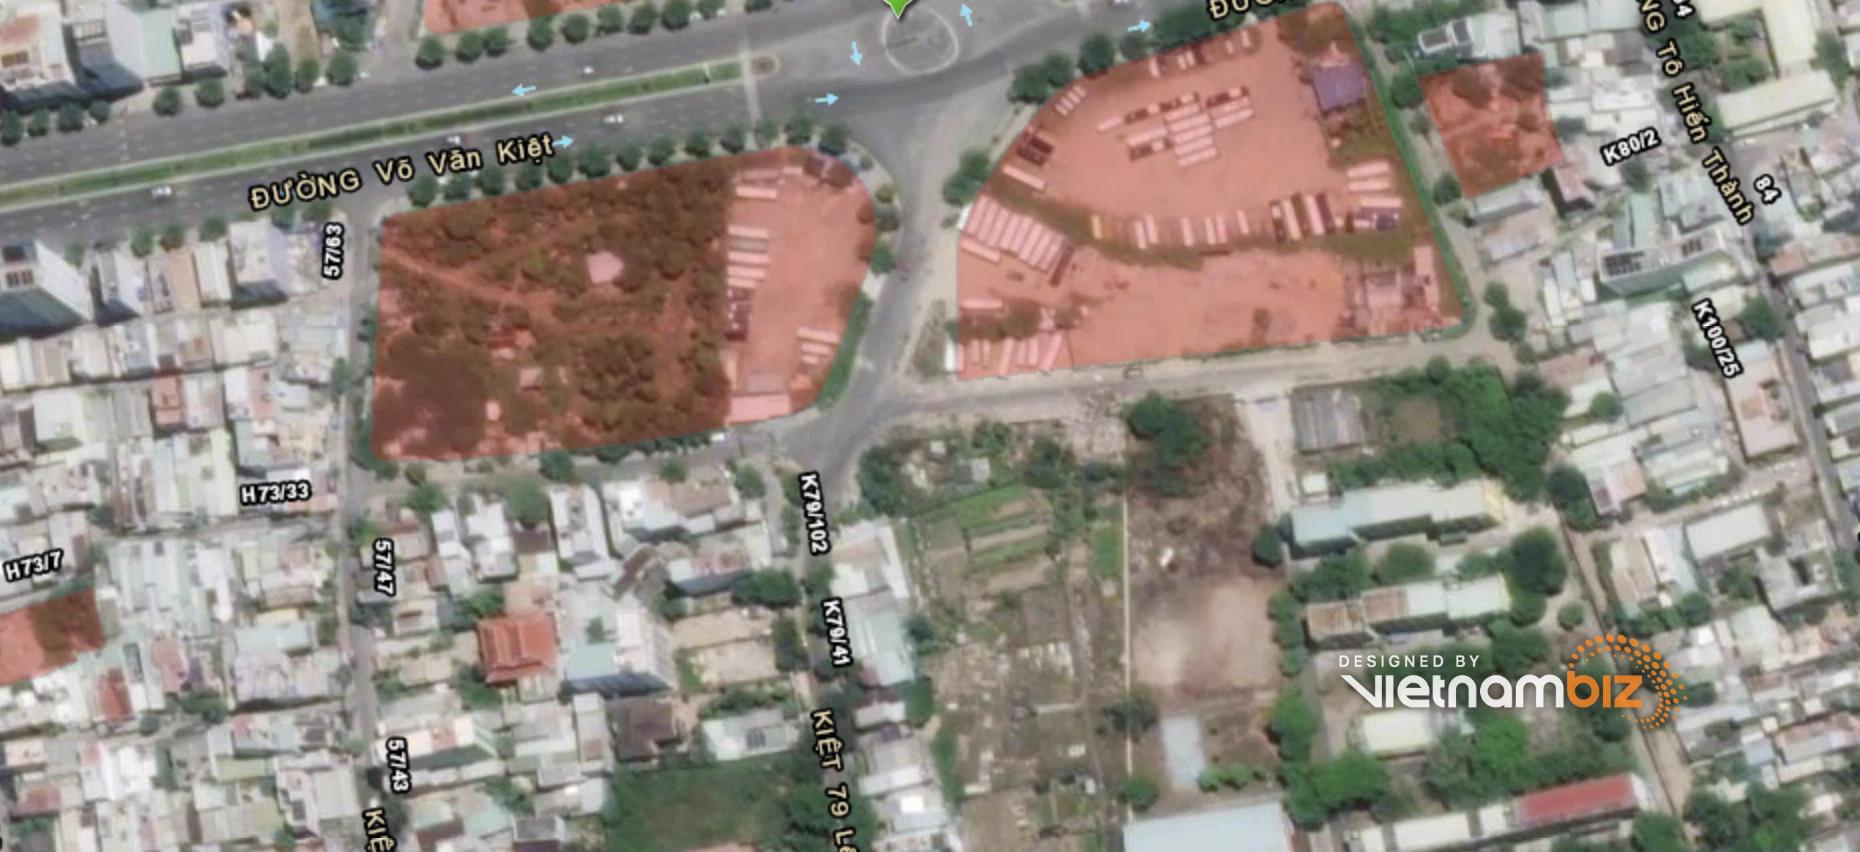 Hình ảnh 5 khu đất Đà Nẵng sẽ làm Khu phức hợp có casino và chung cư cao cấp 62 tầng - Ảnh 15.